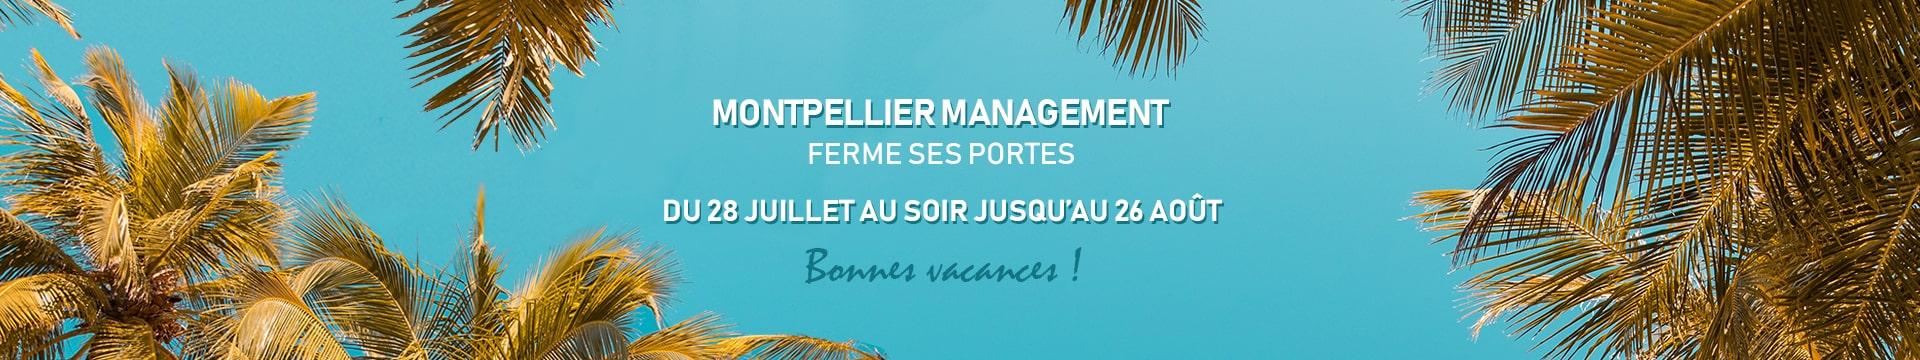 Fermeture vacances été - Montpellier Management